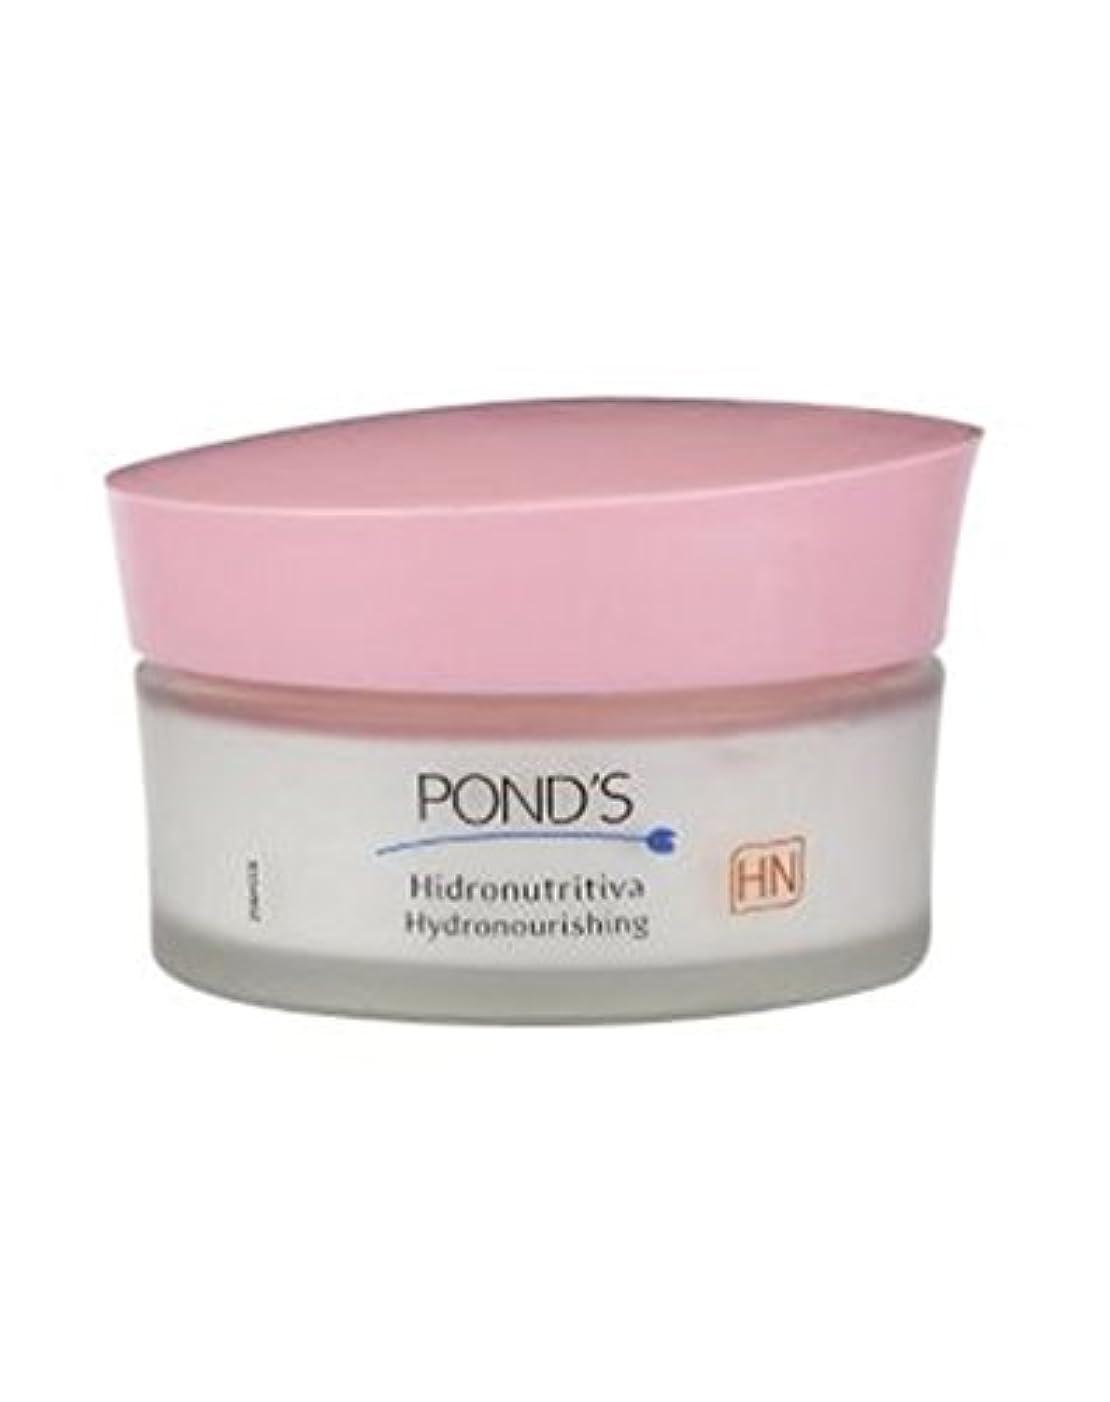 レタス悪化させる遊び場Ponds Nourishing Anti-wrinkle Cream 50ml - アンチリンクルクリーム50ミリリットル栄養池 (Ponds) [並行輸入品]